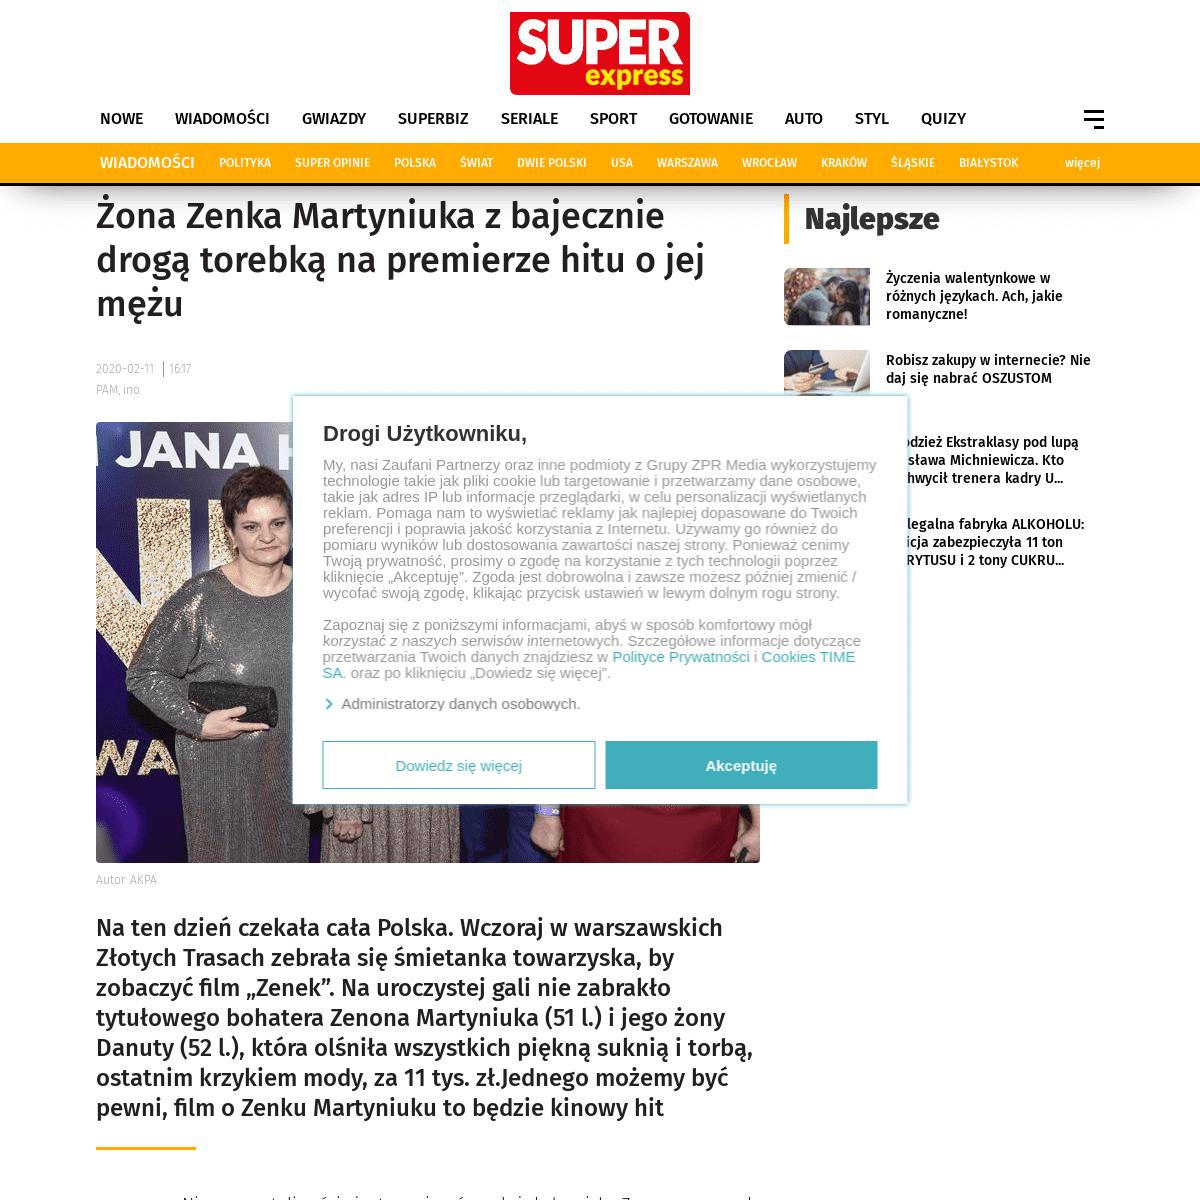 Żona Zenka Martyniuka z bajecznie drogą torebką na premierze hitu o jej mężu - Super Express